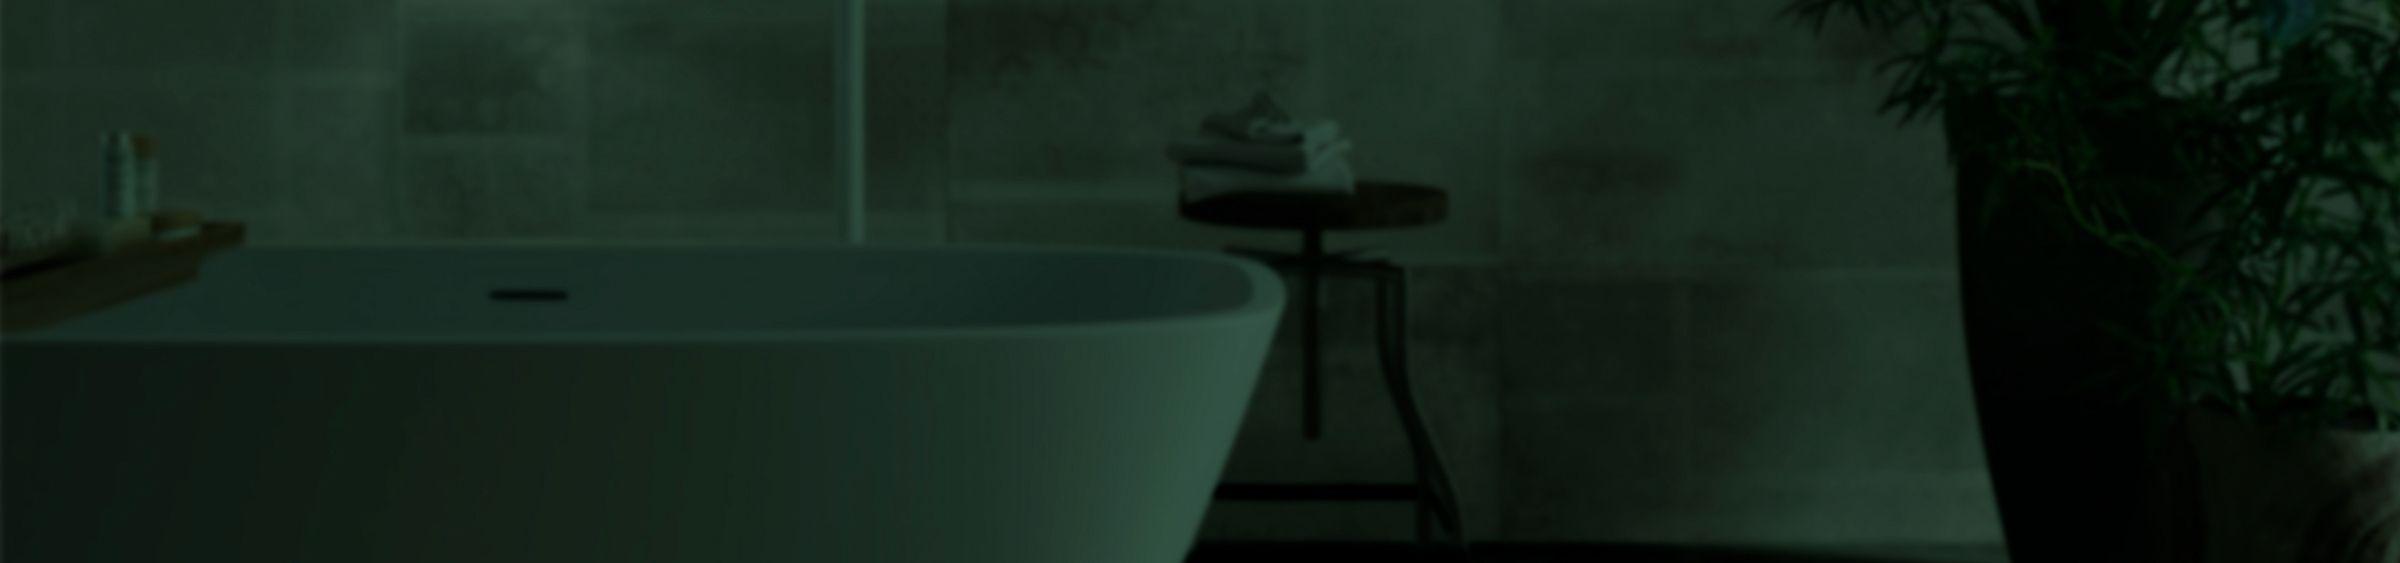 Badkamermeubels - Banner - Welke trend stijlen passen bij u?